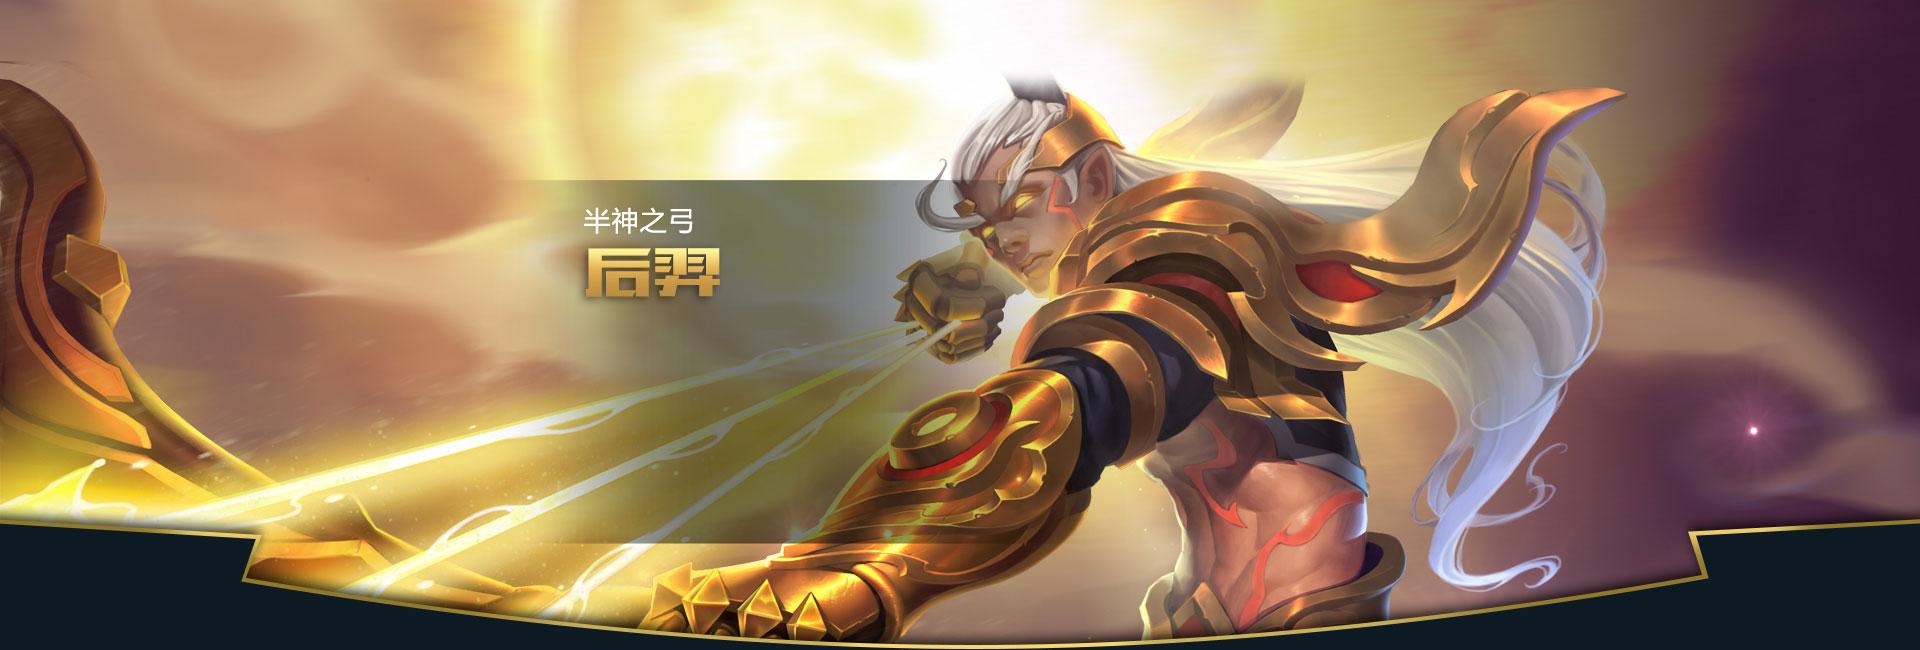 第2弹《王者荣耀英雄皮肤CG》竞技游戏123